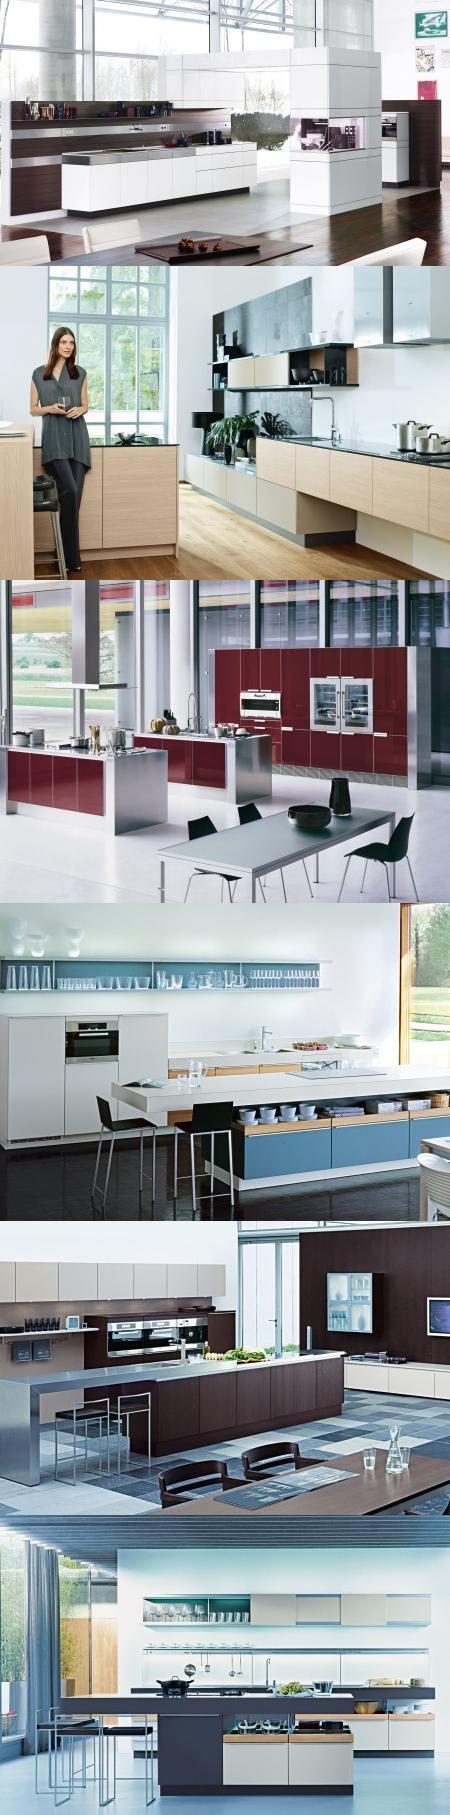 Cocinas de diseño, bien resueltas